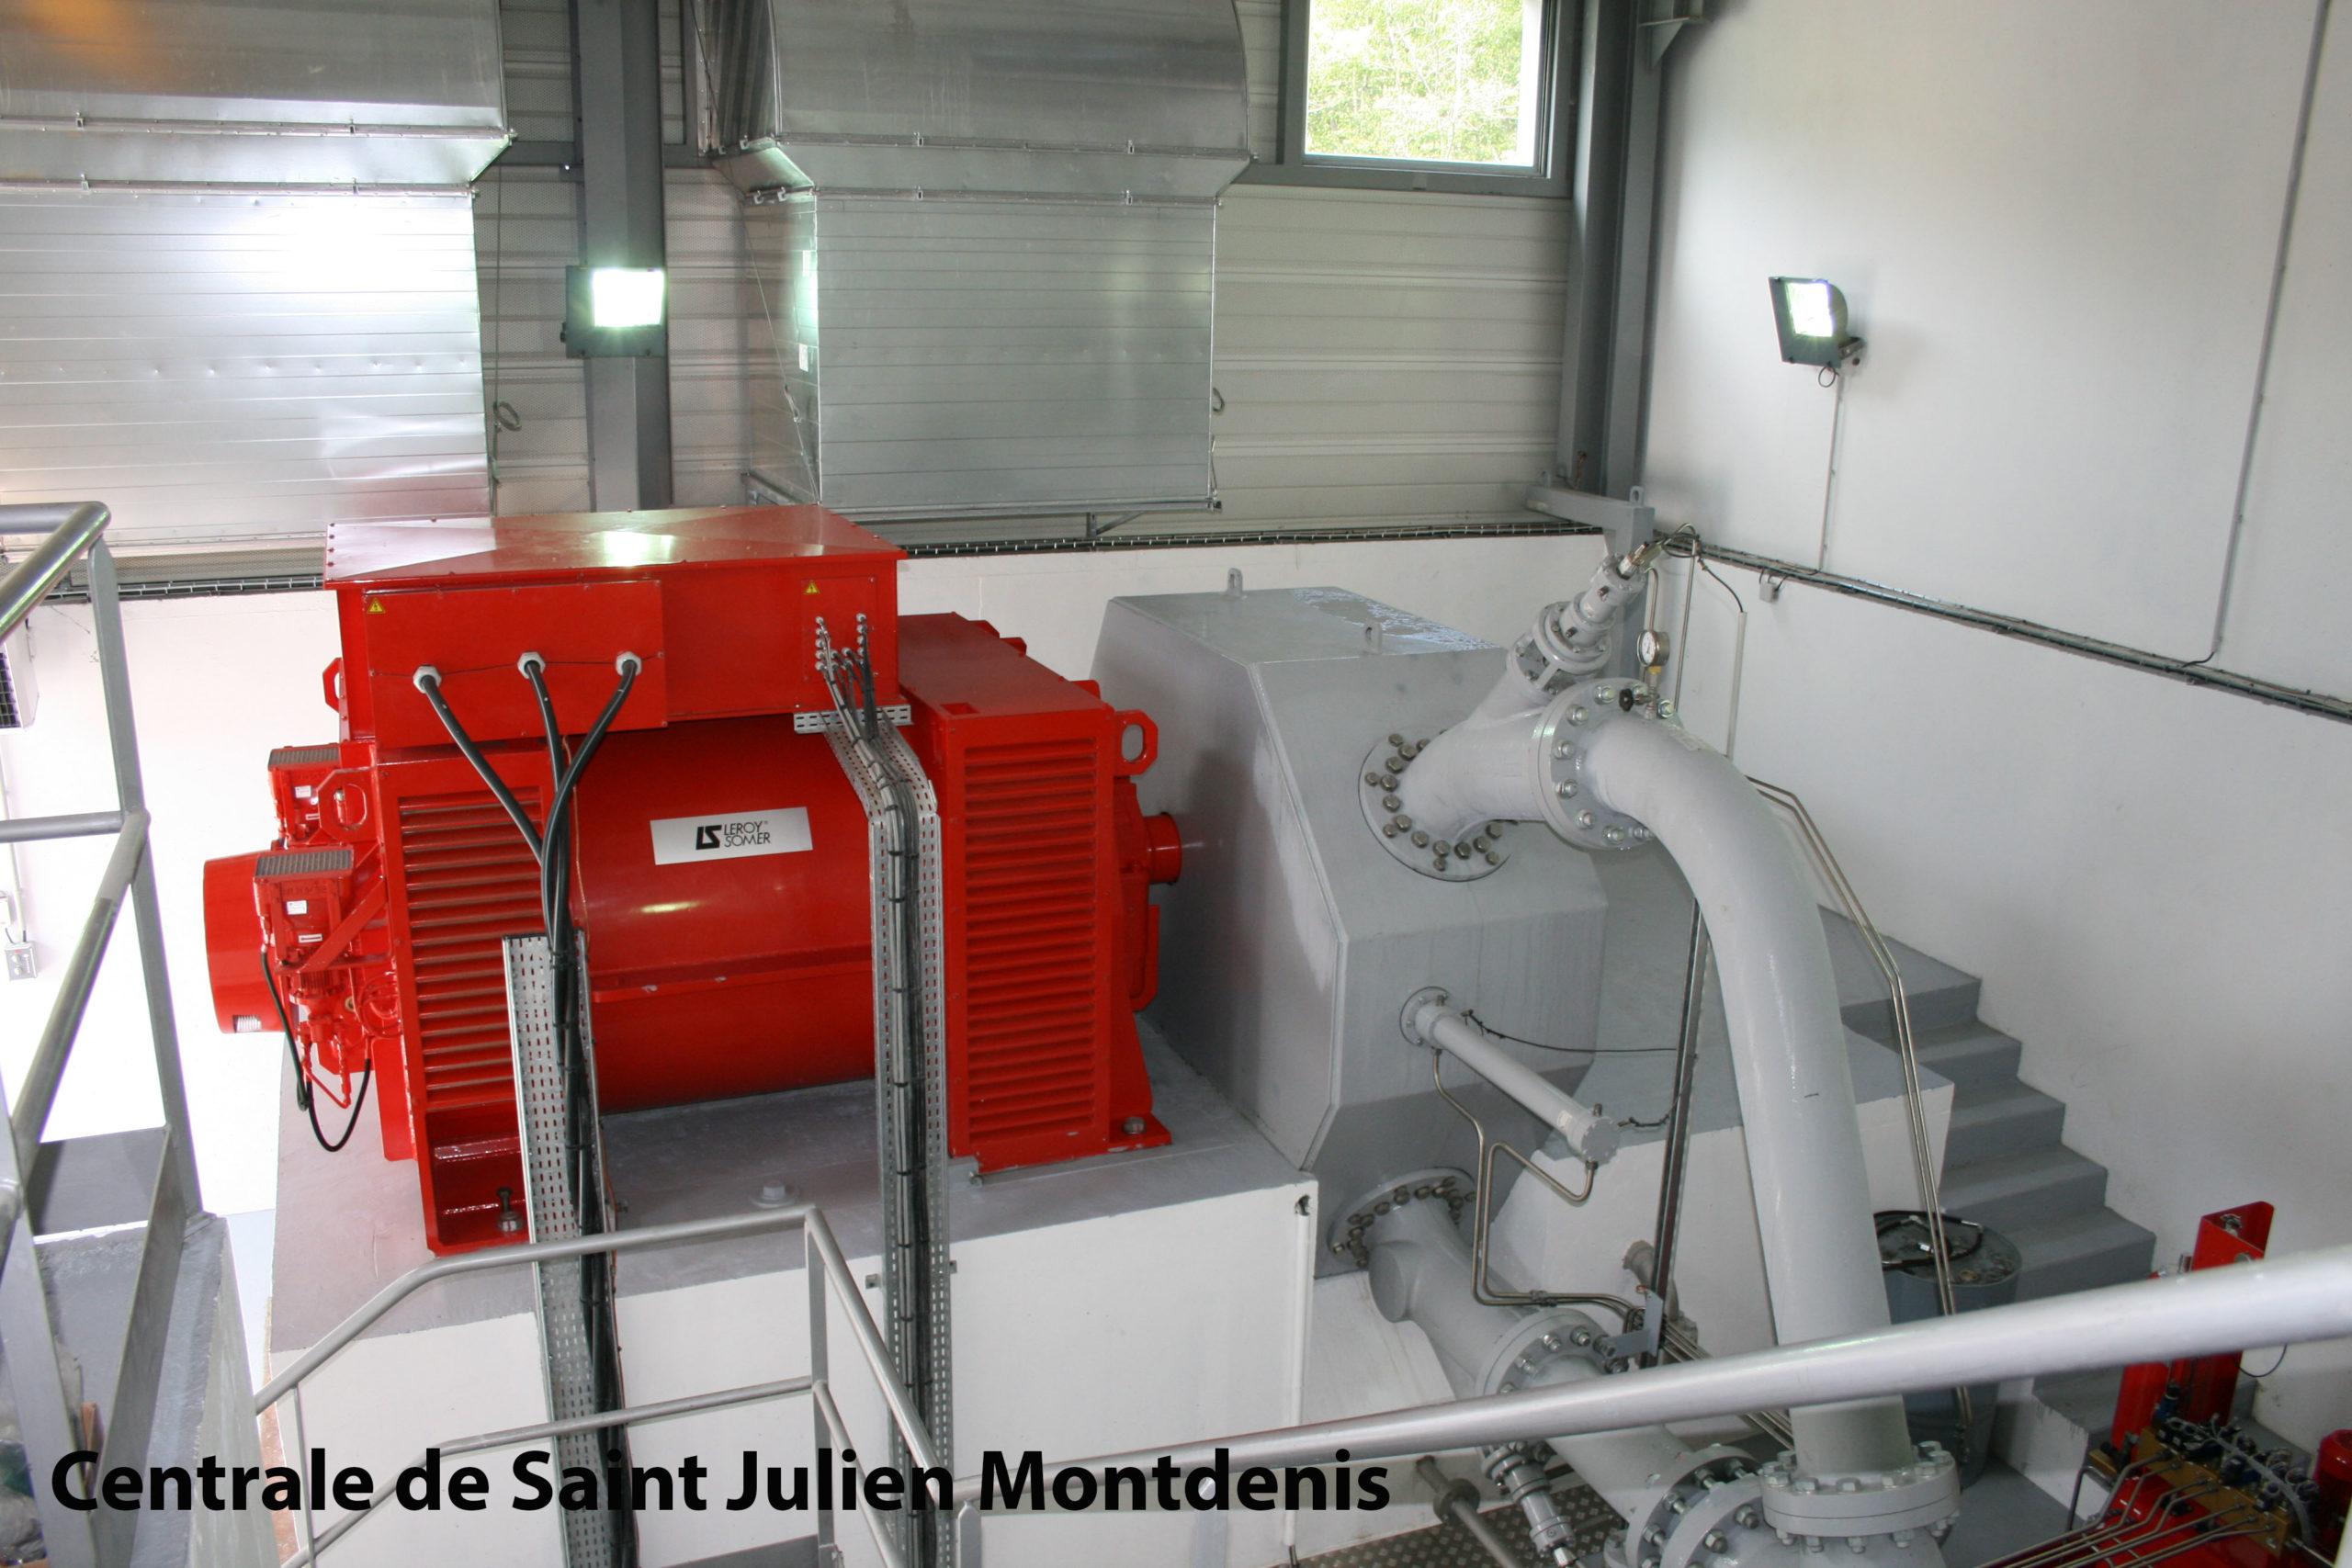 Centrale hydraulique de Saint-Julien-Montdenis Soréa Maurienne